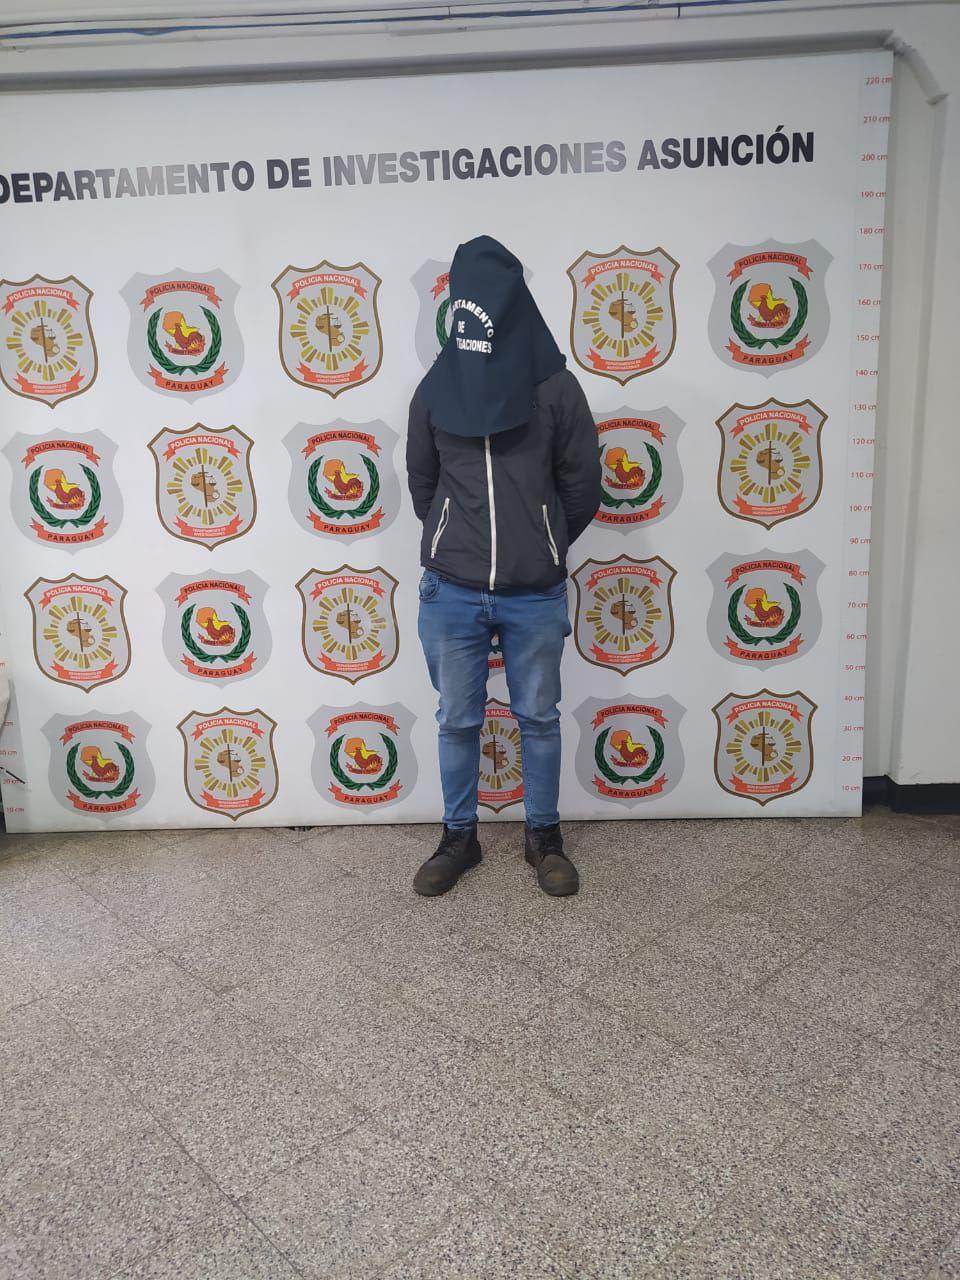 Fernando Fernández, detenido en la sede de investigaciones de Asunción.